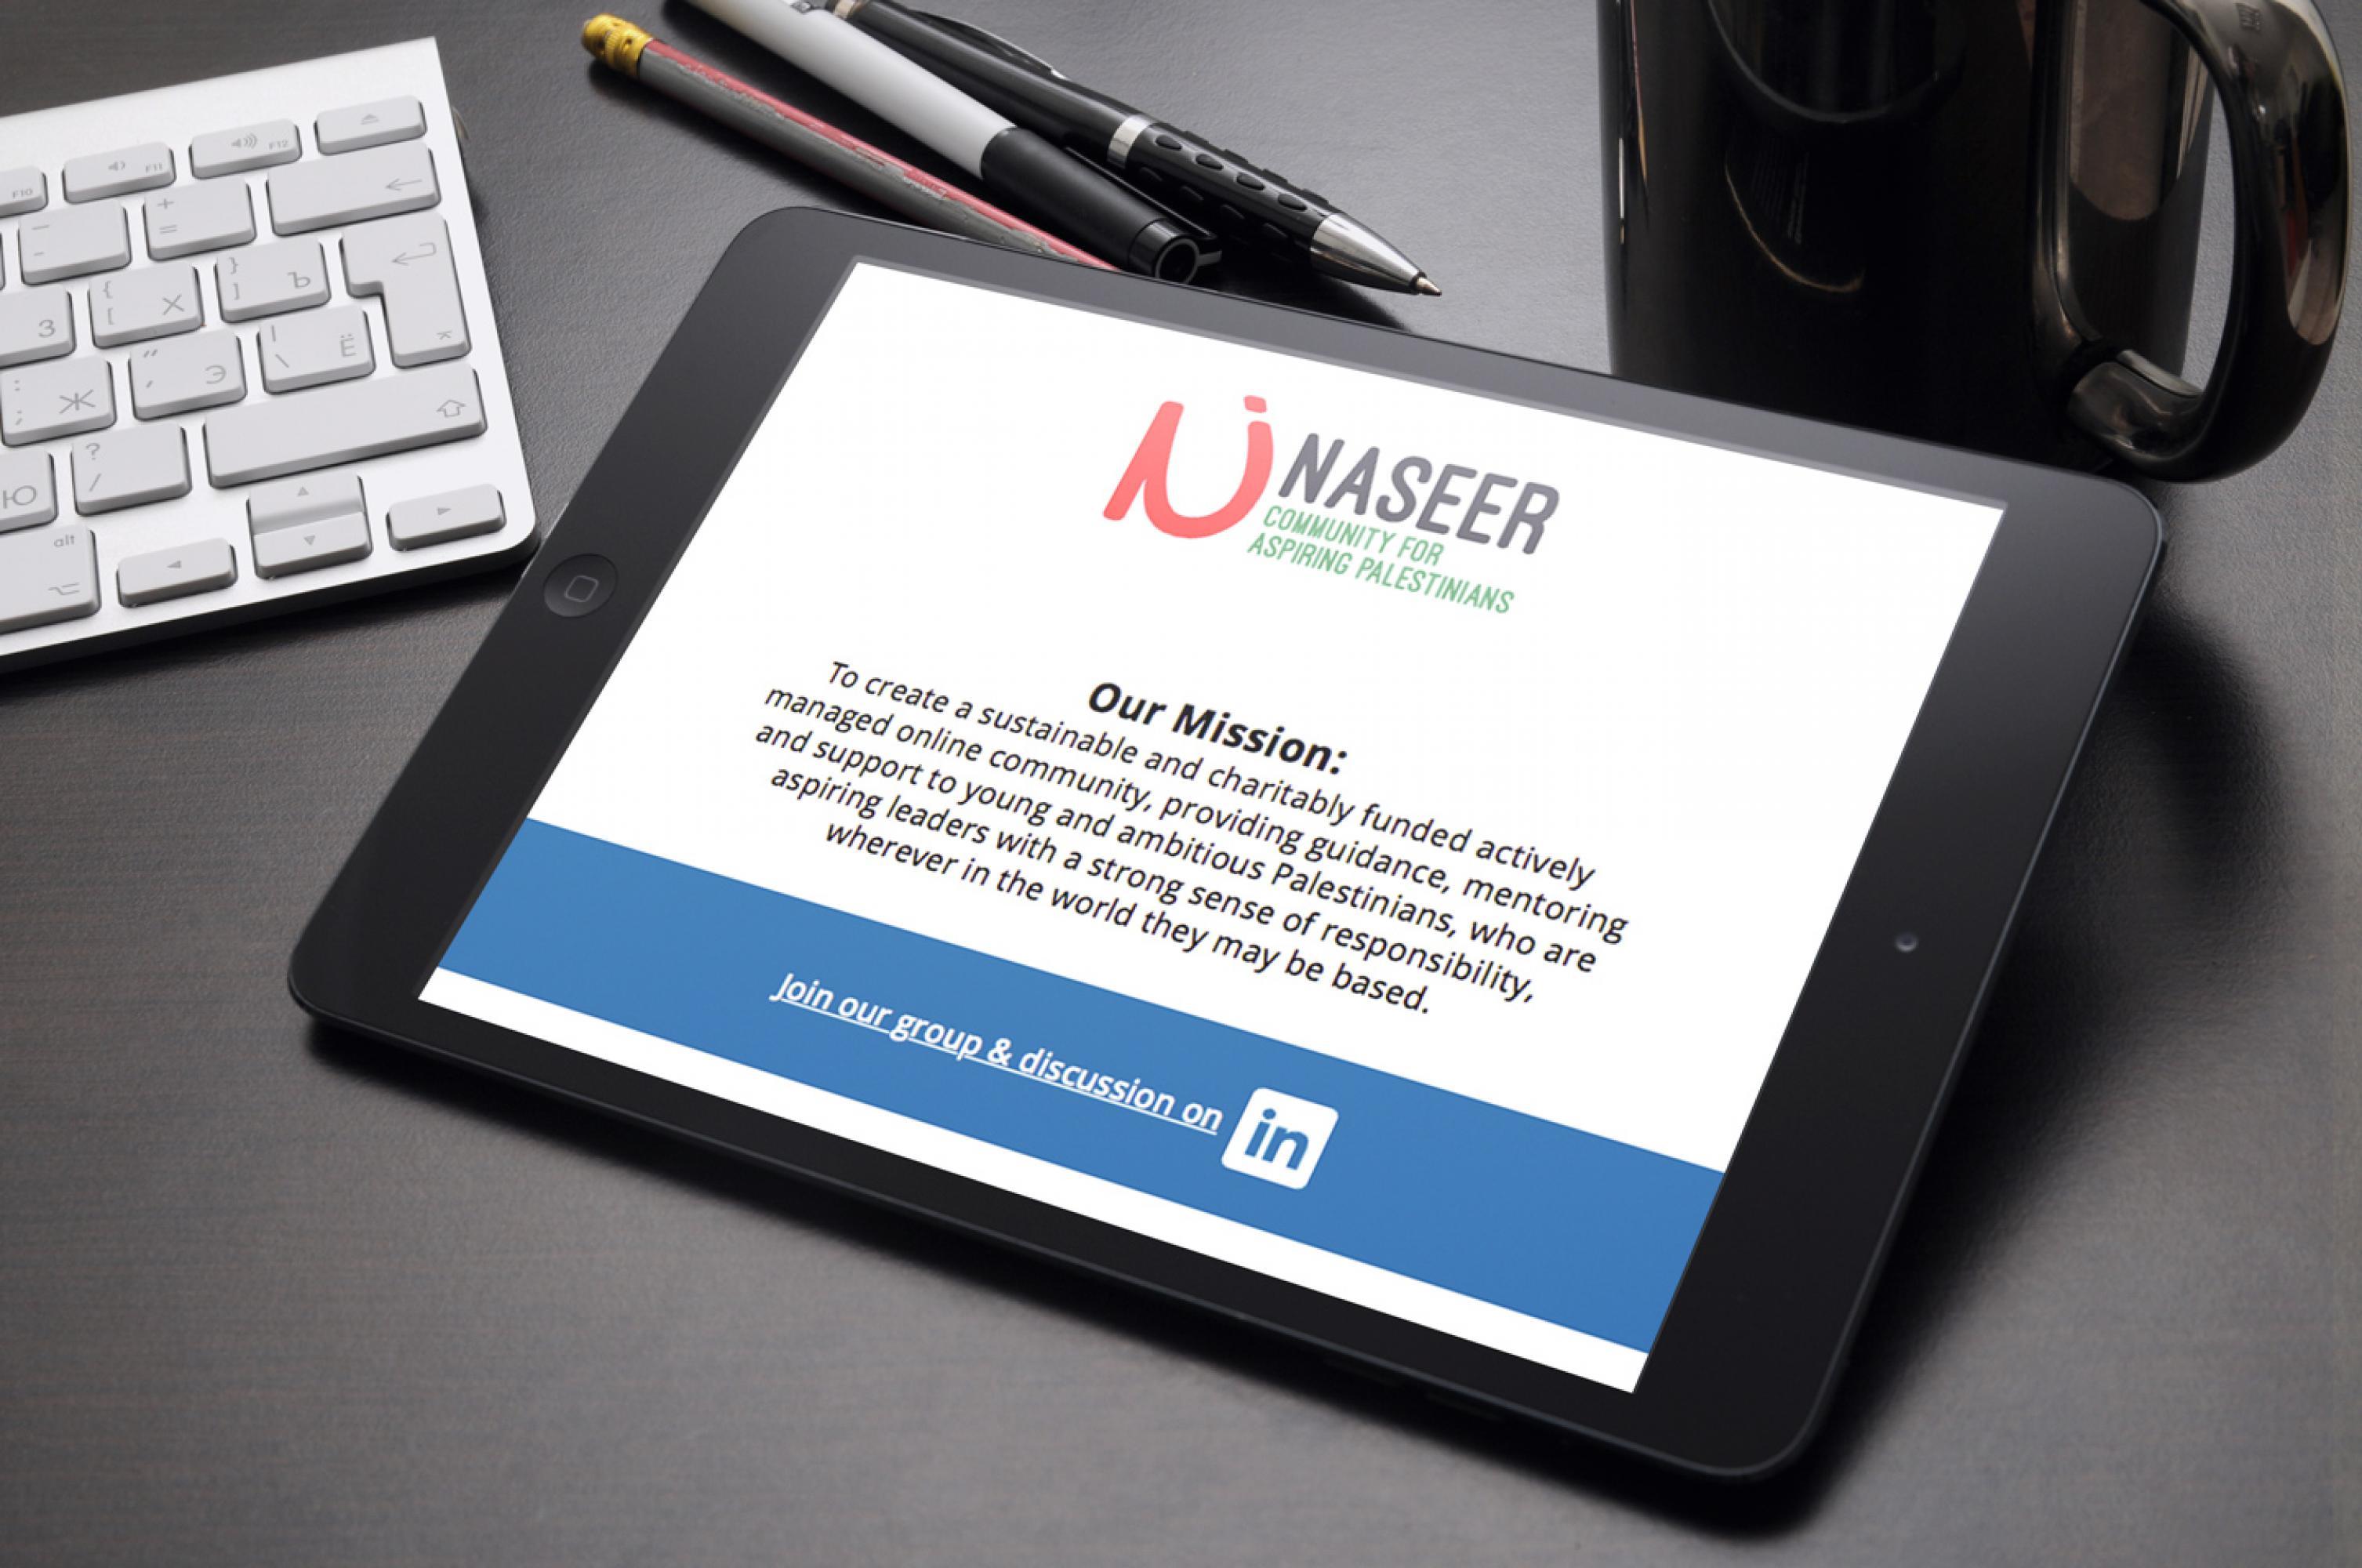 Naseer-on-iPad